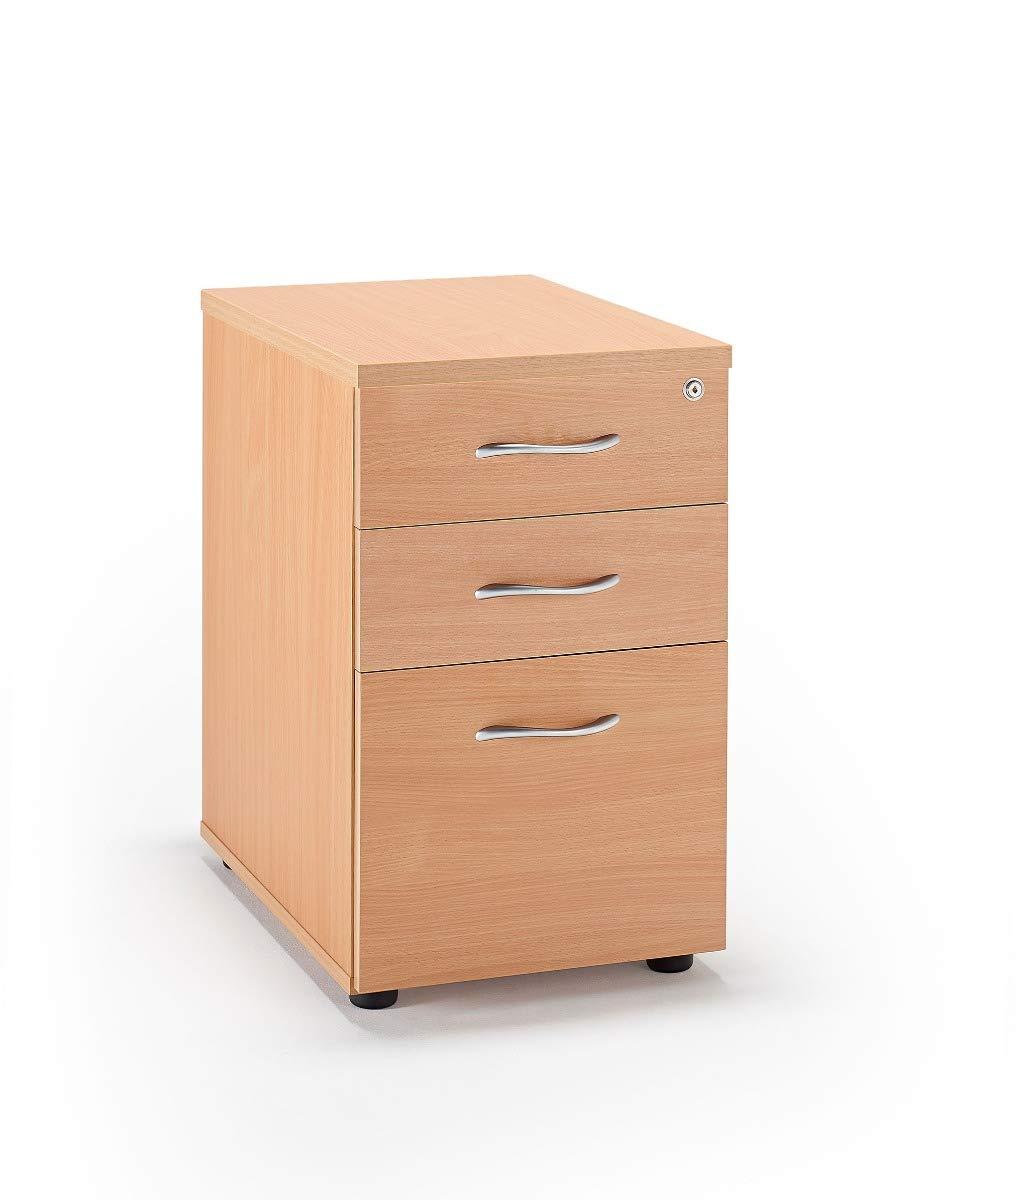 National Office Furniture Supplies Beech Desk High Pedestals